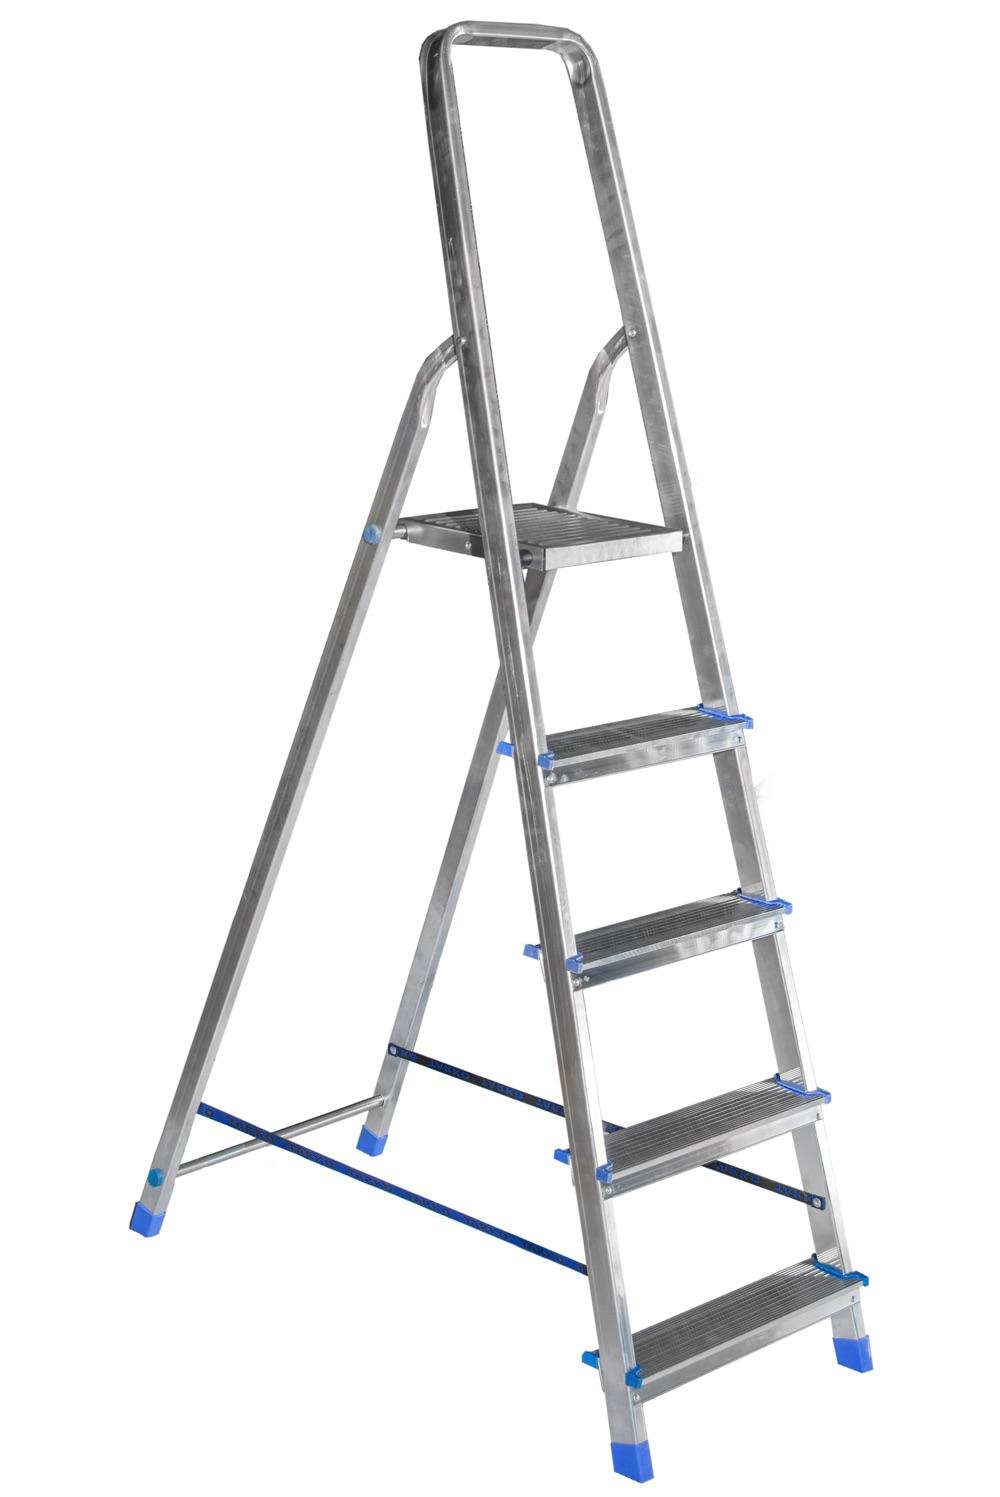 Стремянка с односторонним восхождением TARKO - Алюминиевые лестницы и стремянки в Минске - ООО Тапанар Трейд